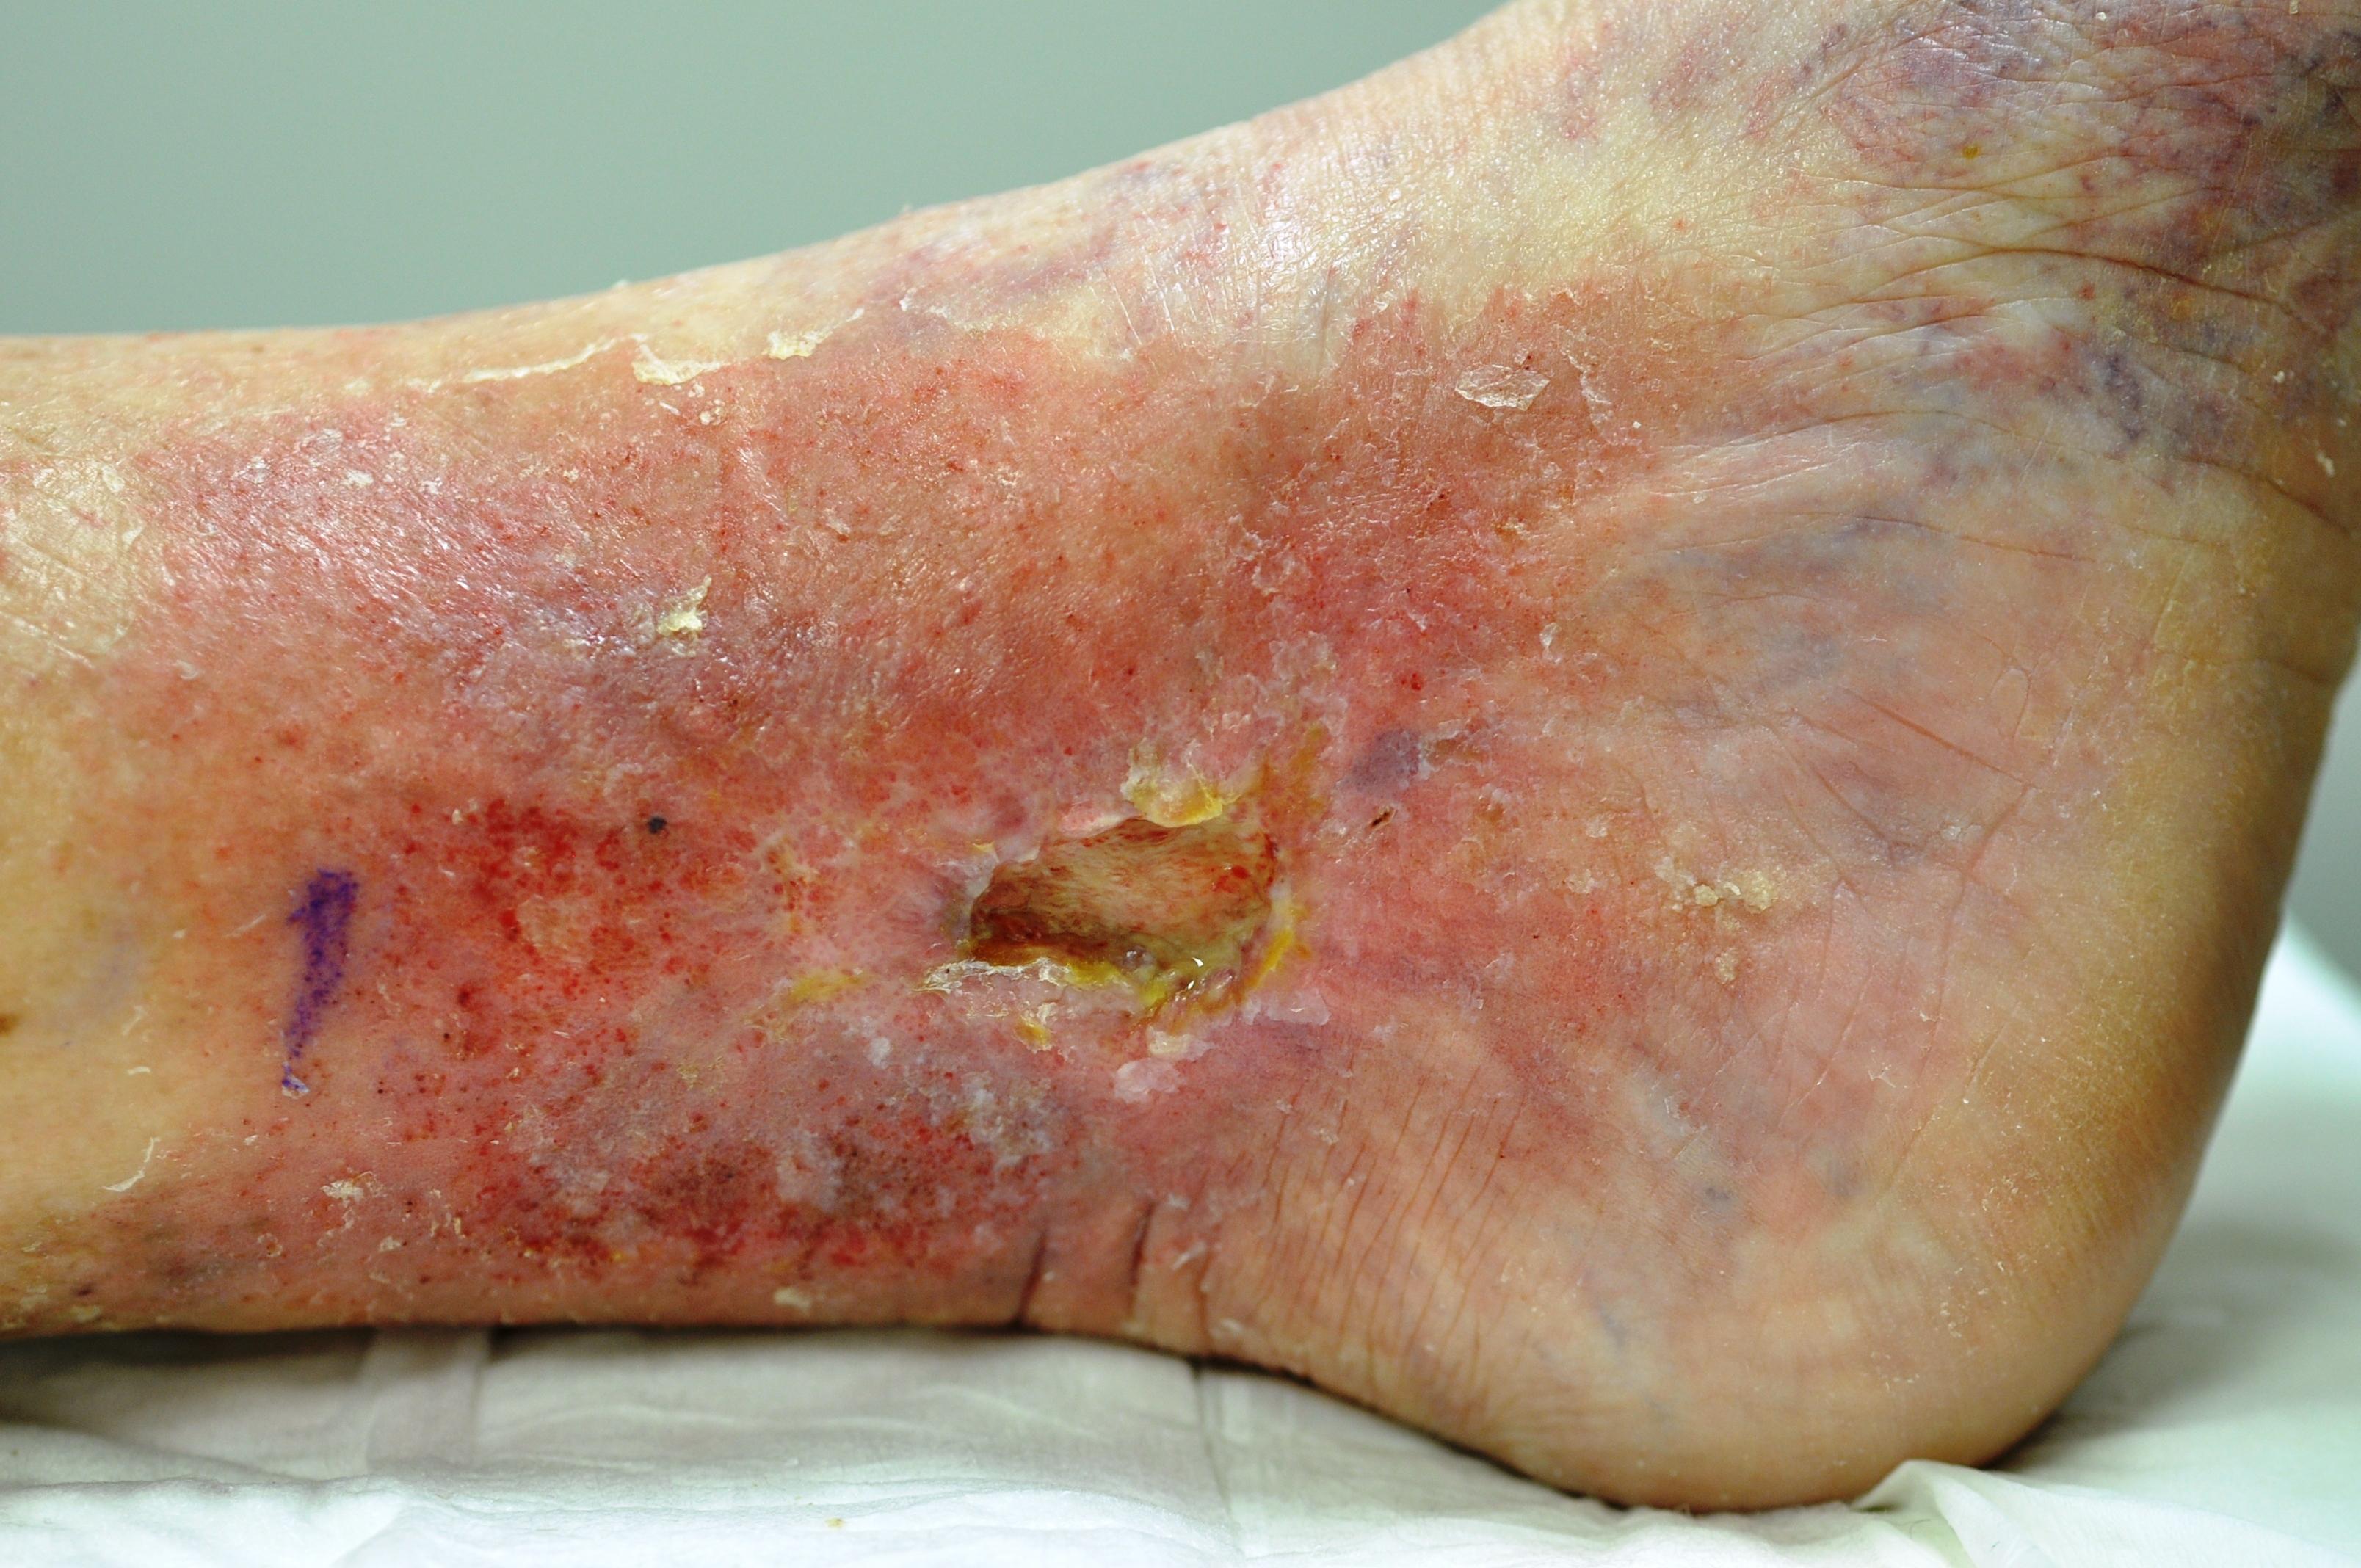 Open leg ulcer